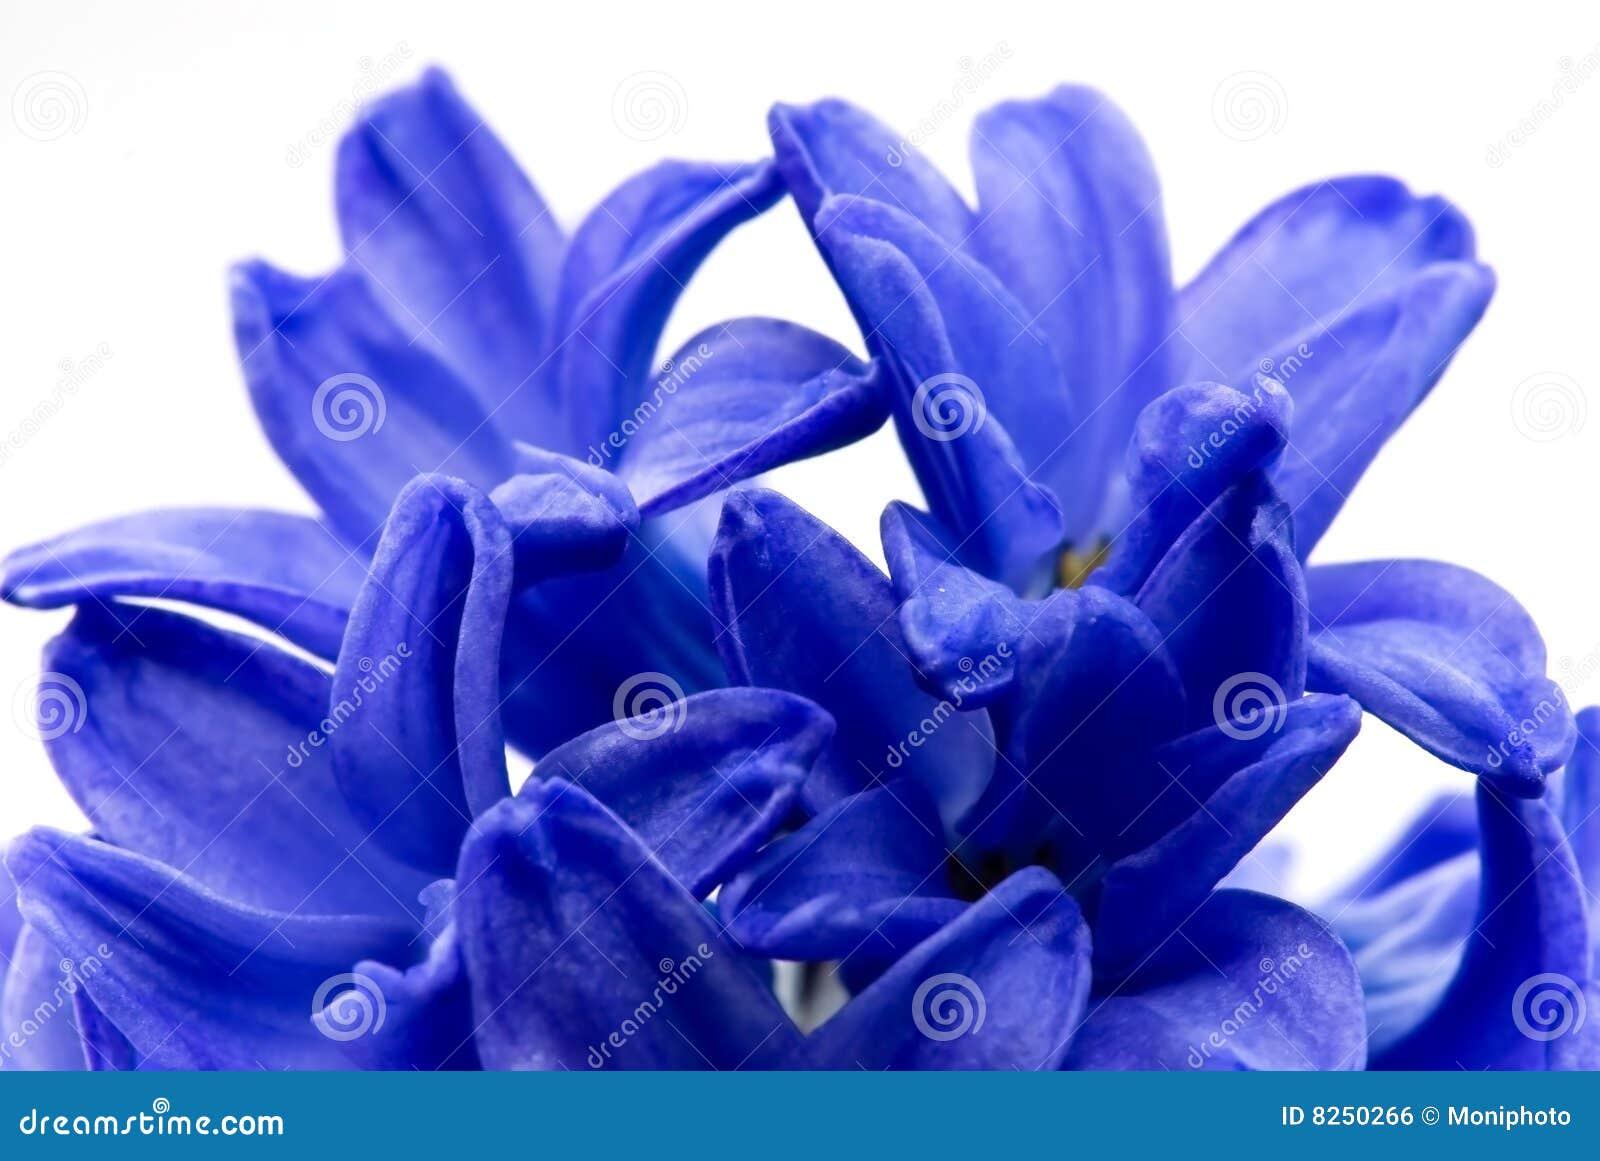 hyacinthe proche de fleur de bleu vers le haut photo stock image du instruction ampoule 8250266. Black Bedroom Furniture Sets. Home Design Ideas